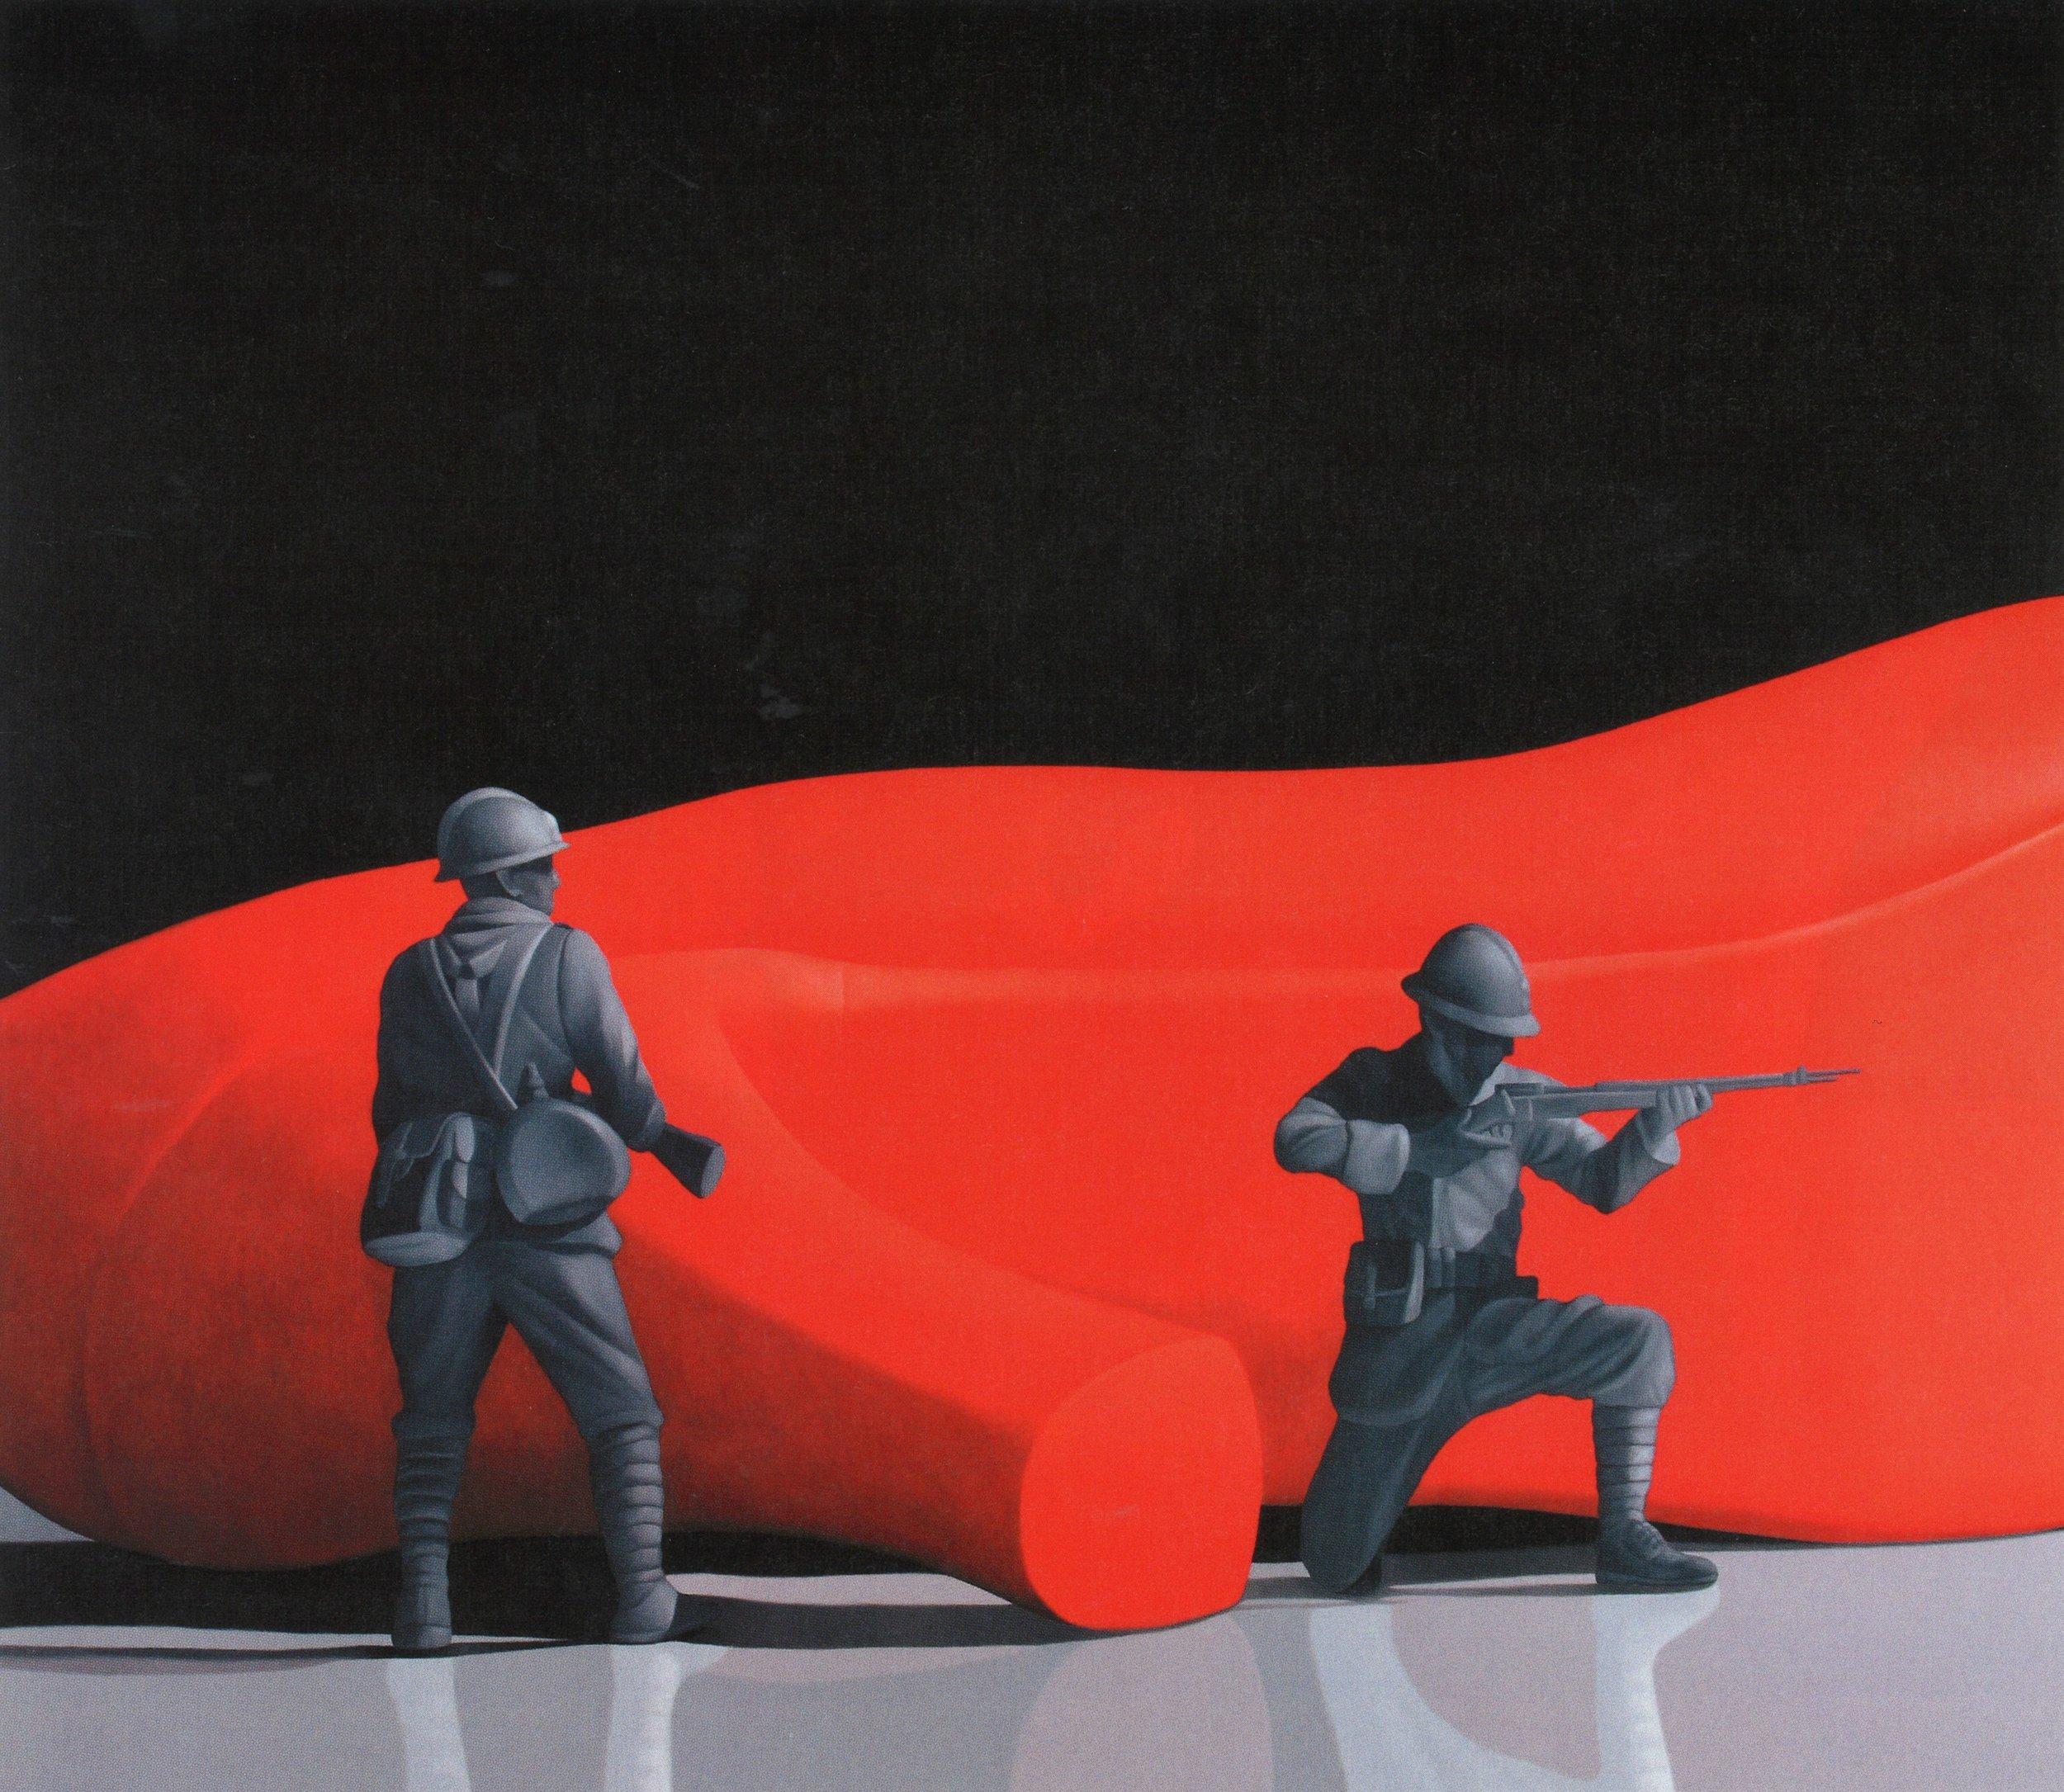 Natee Utarit, 'Dust Under the Shoe', 2010, oil on linen, 140 x 160cm. Image courtesy of Phillips.